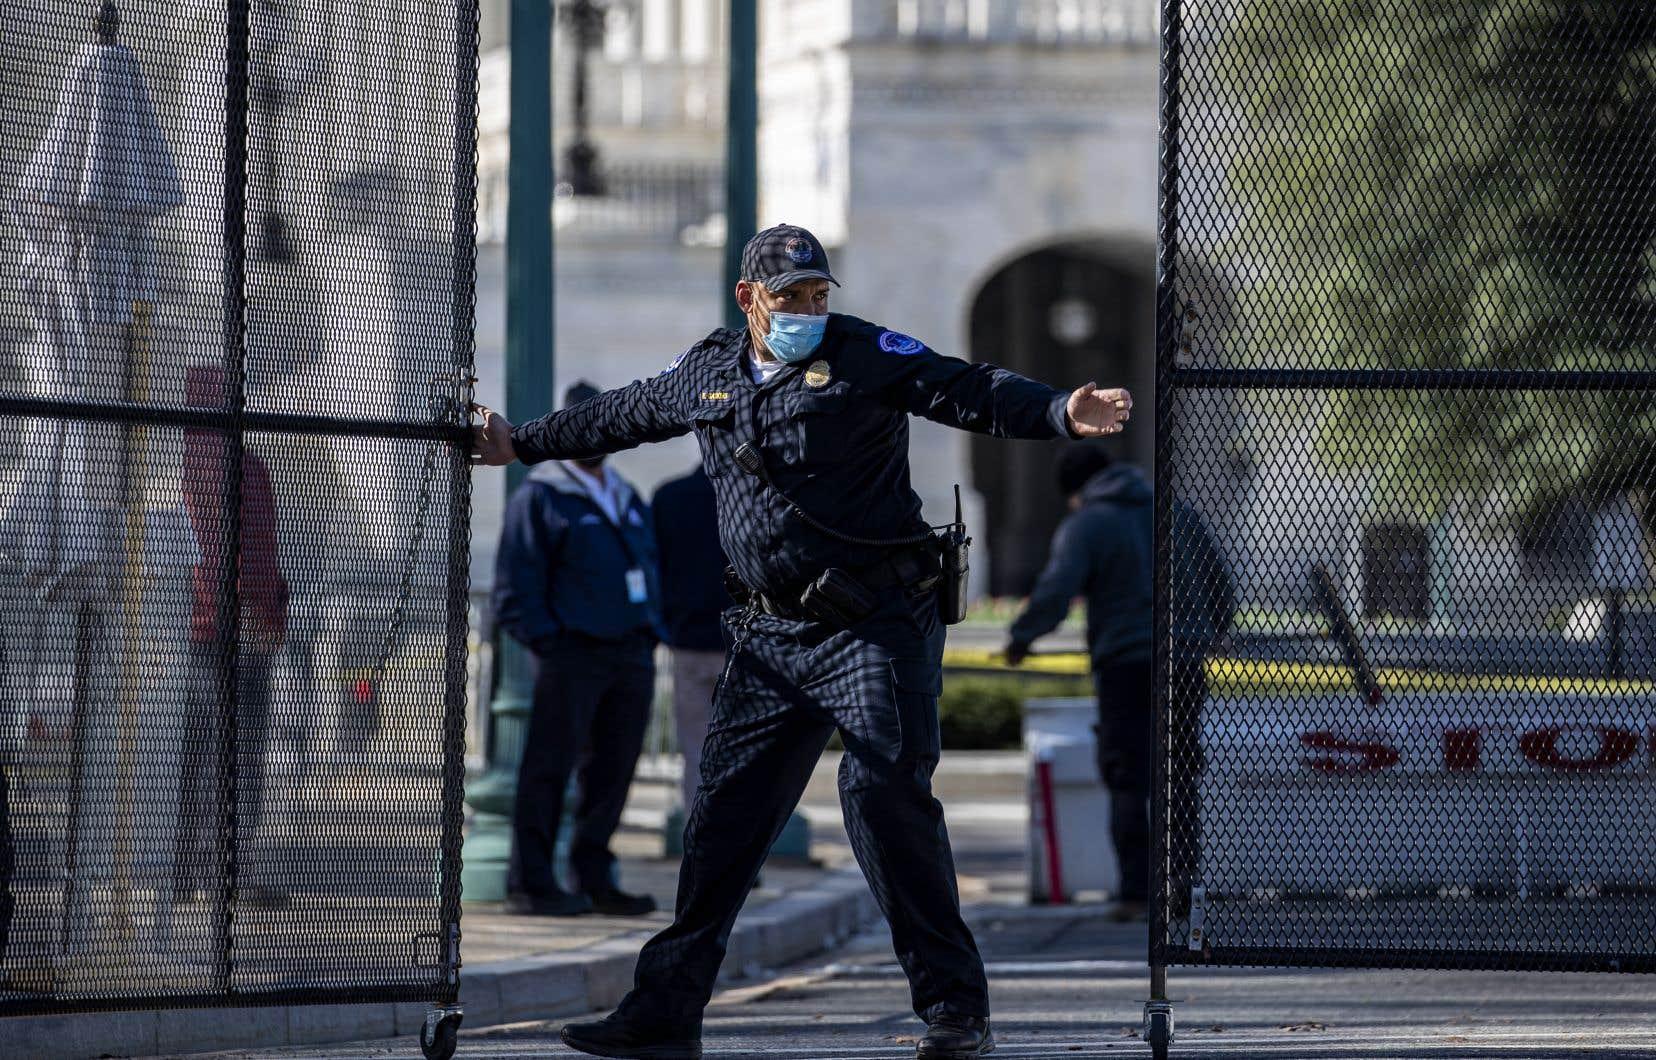 Un agent de la police du Capitole a été tué et un autre blessé vendredi, lorsqu'un homme a précipité sa voiture sur eux avant de percuter une barrière de sécurité.